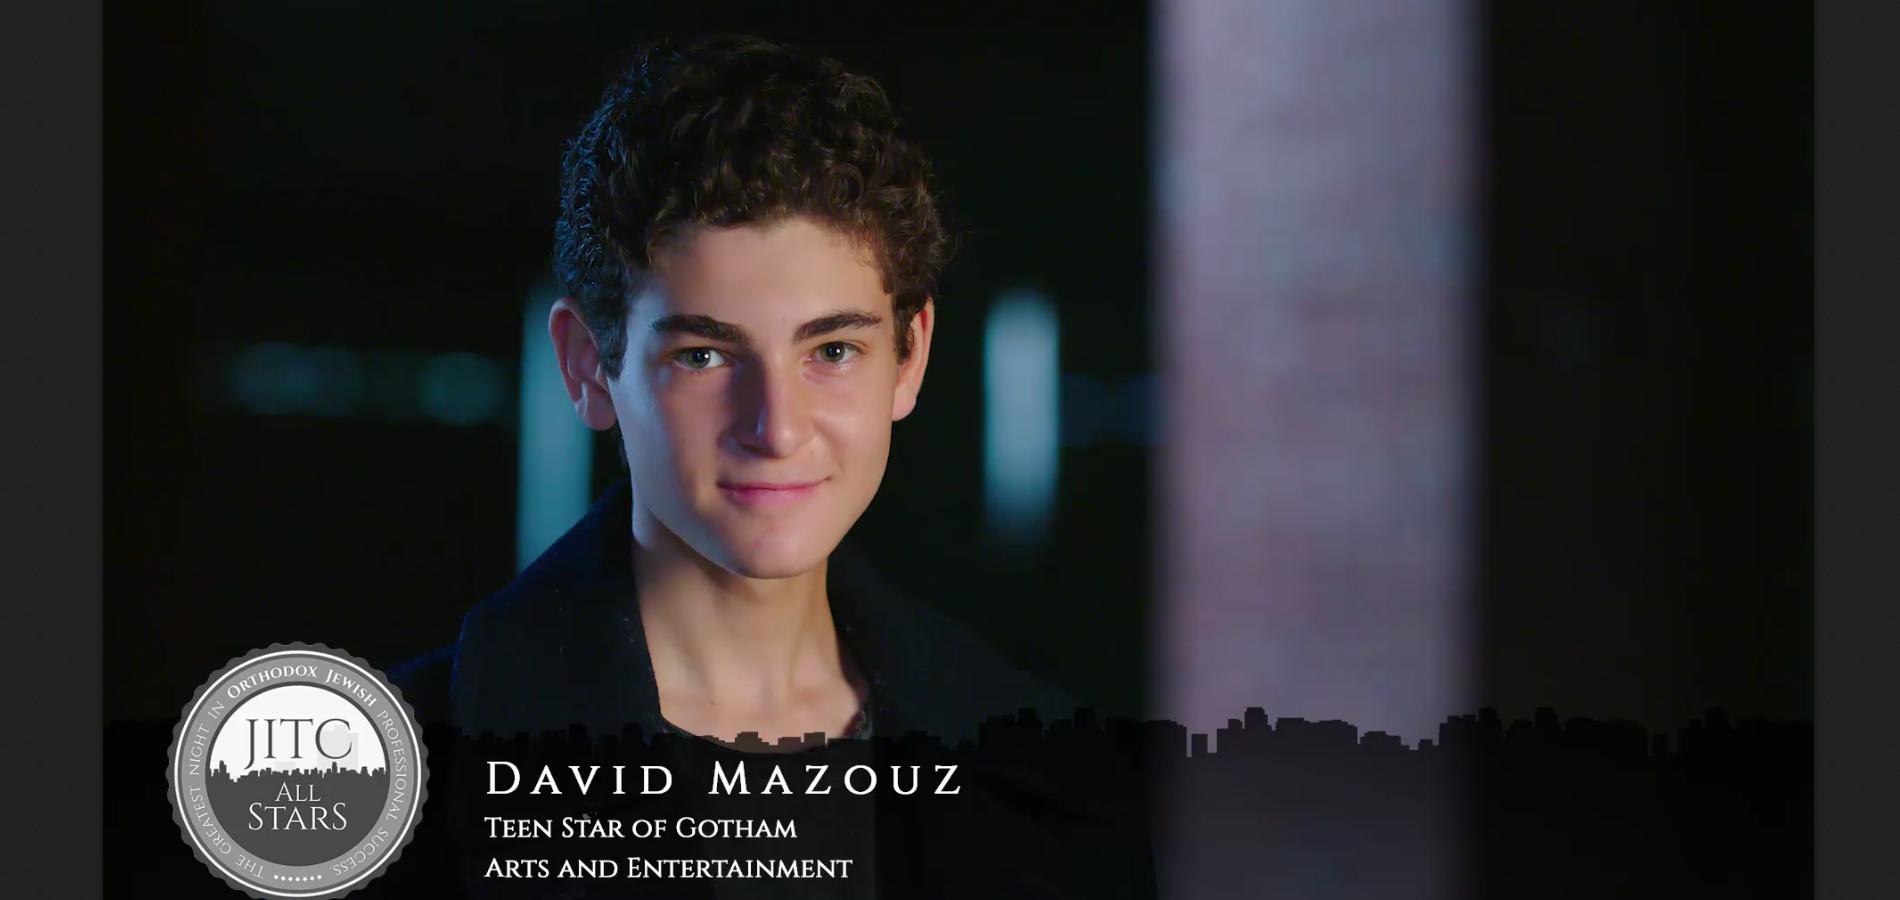 Orthodox Jewish All Star, David Mazouz, Teen Star of Fox's Gotham